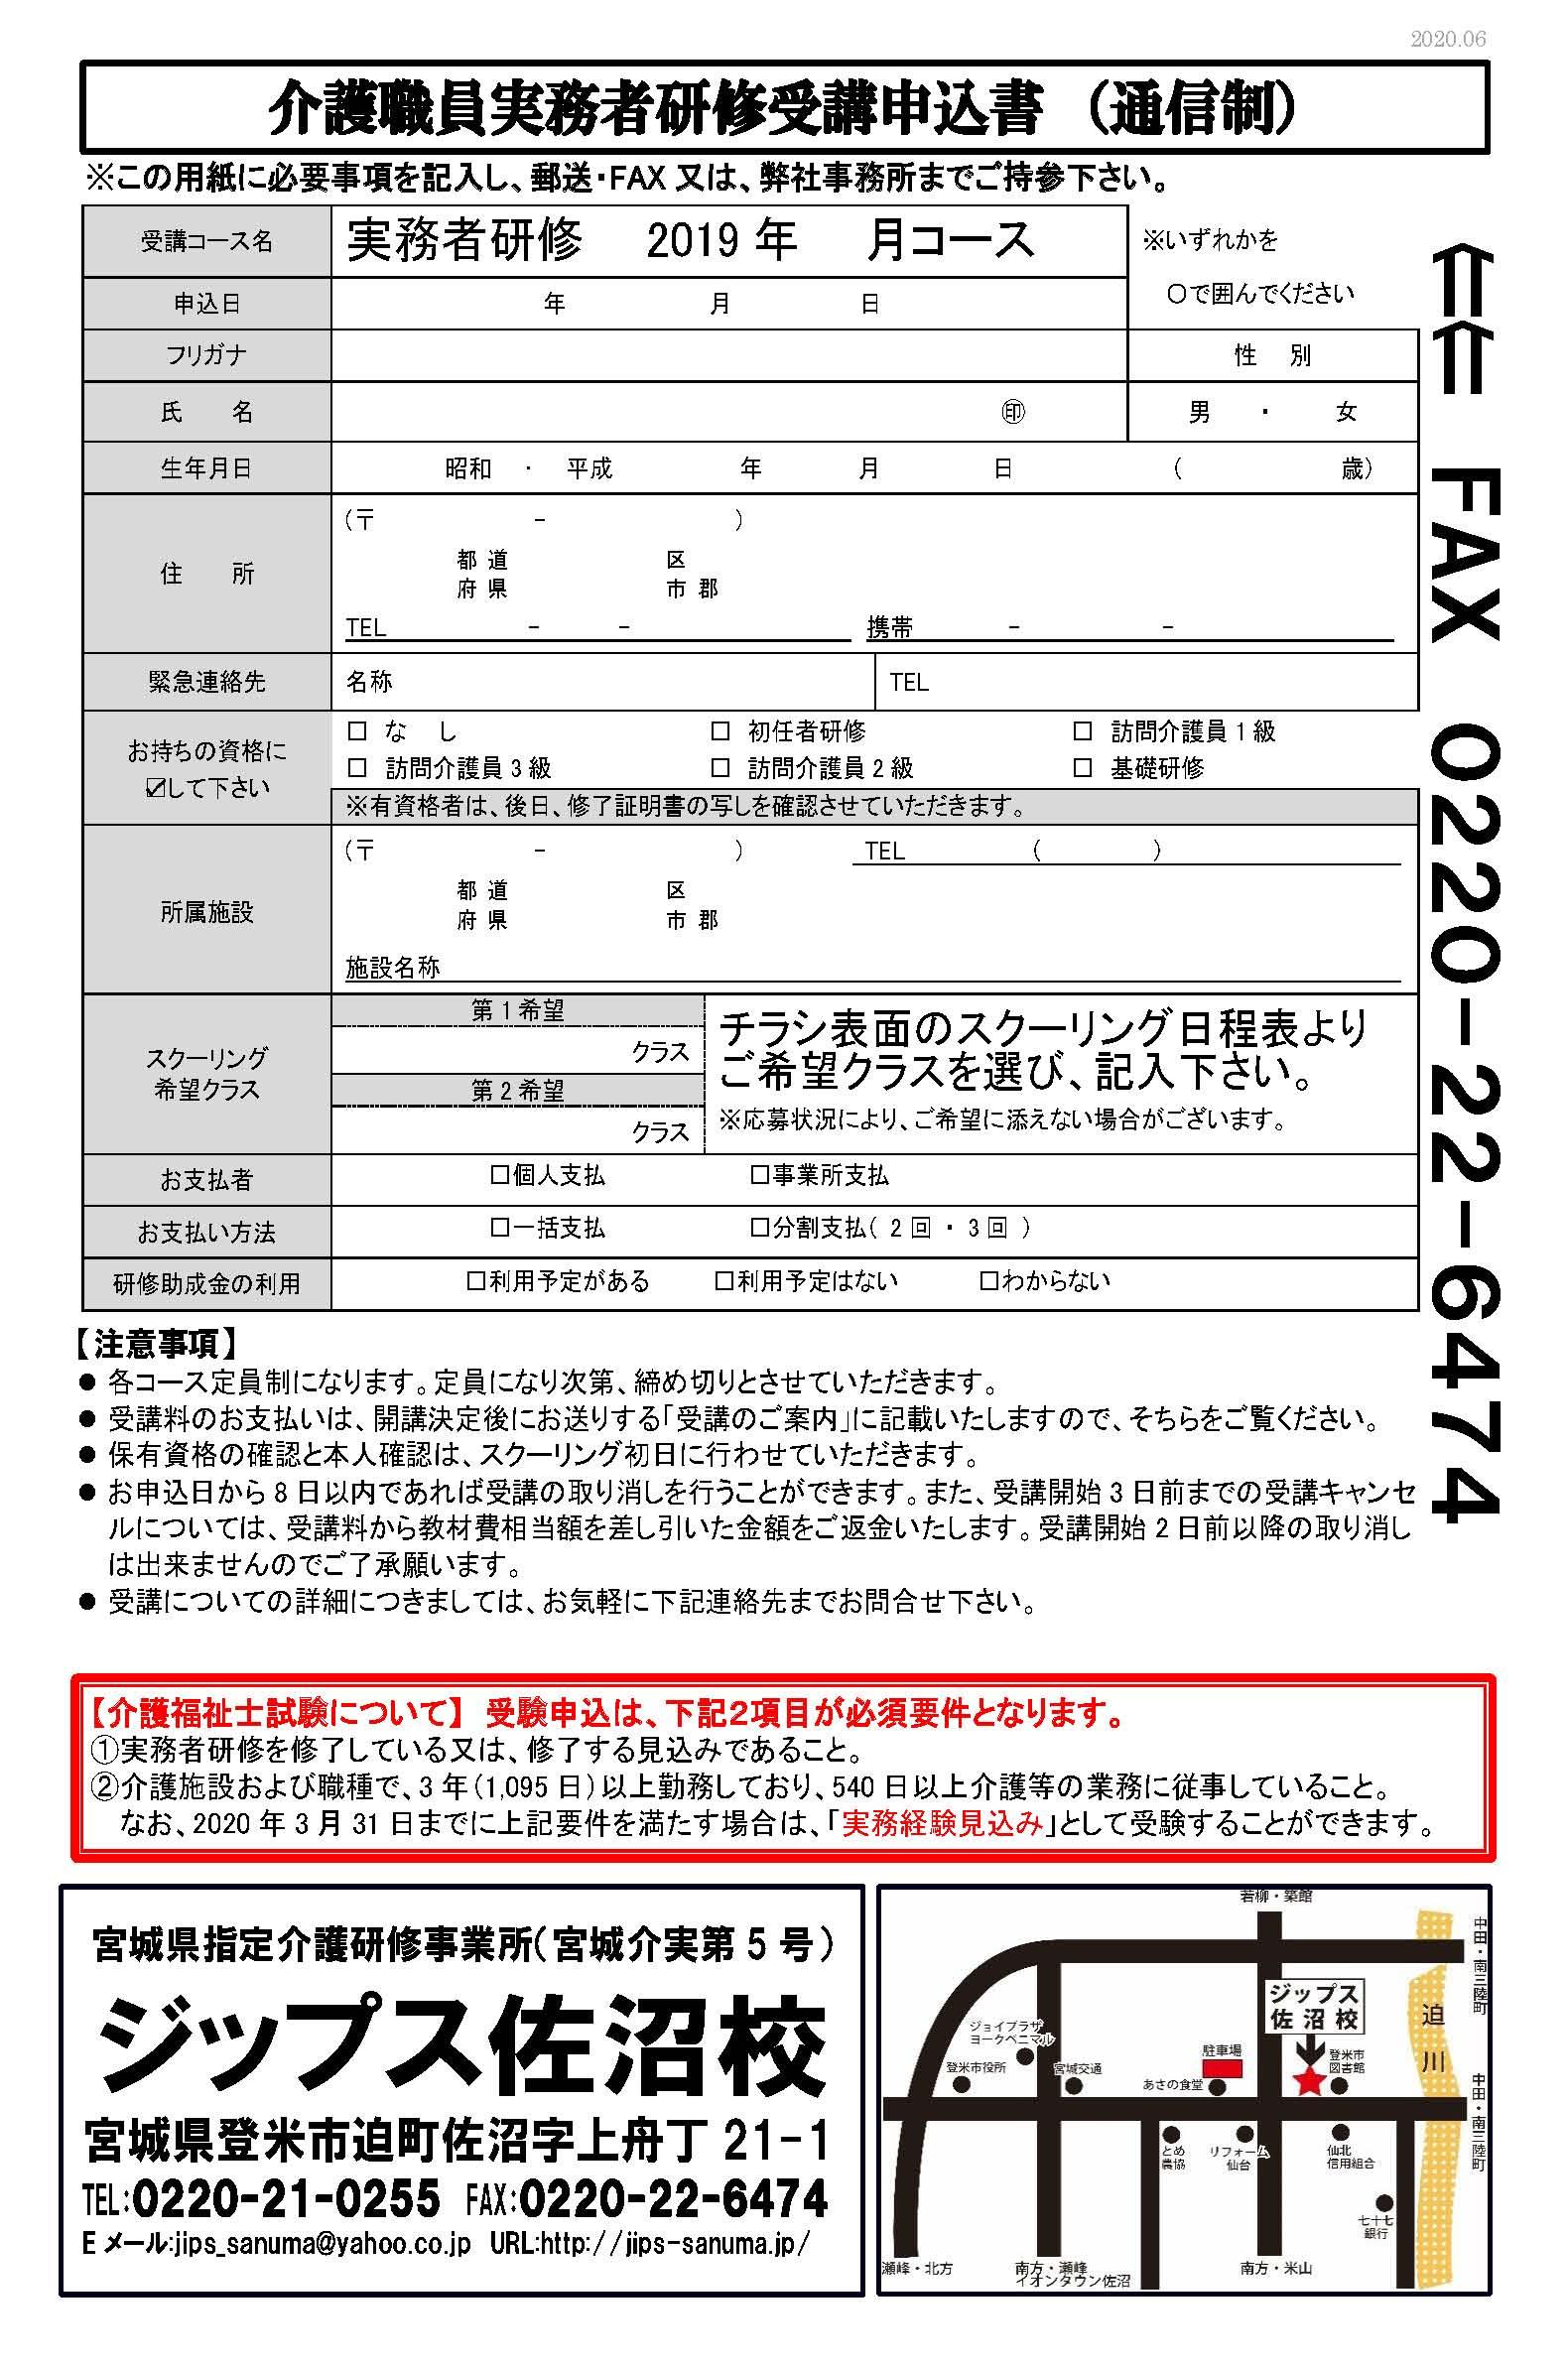 実務者募集チラシ2020年6-7月_ページ_2